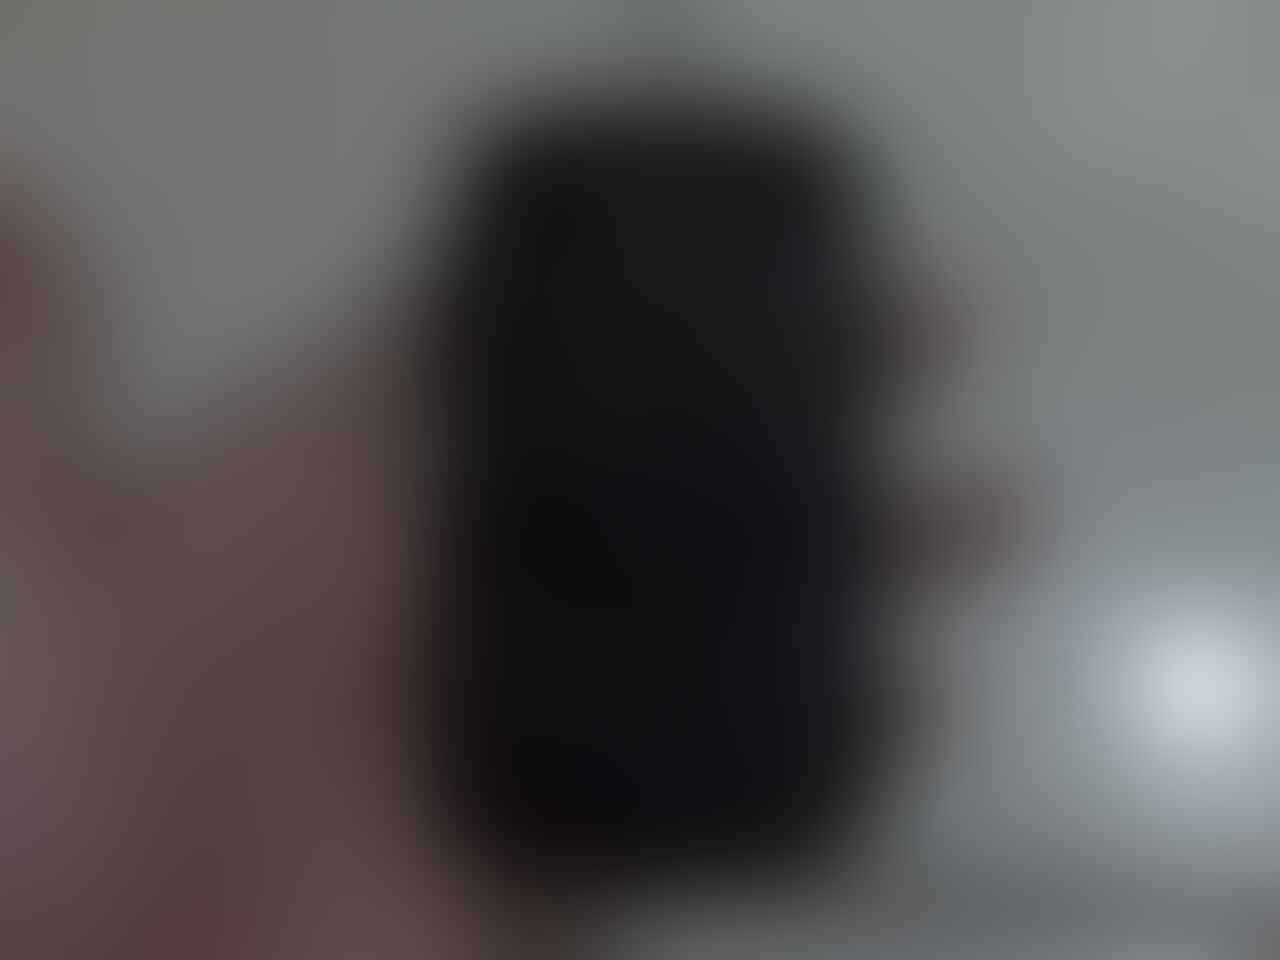 BLACKBERRY/BB DAVIS 9220 BLACK FULLSET GARANSI TAM 1,6 NEGO tipis JOGJA/SOLO